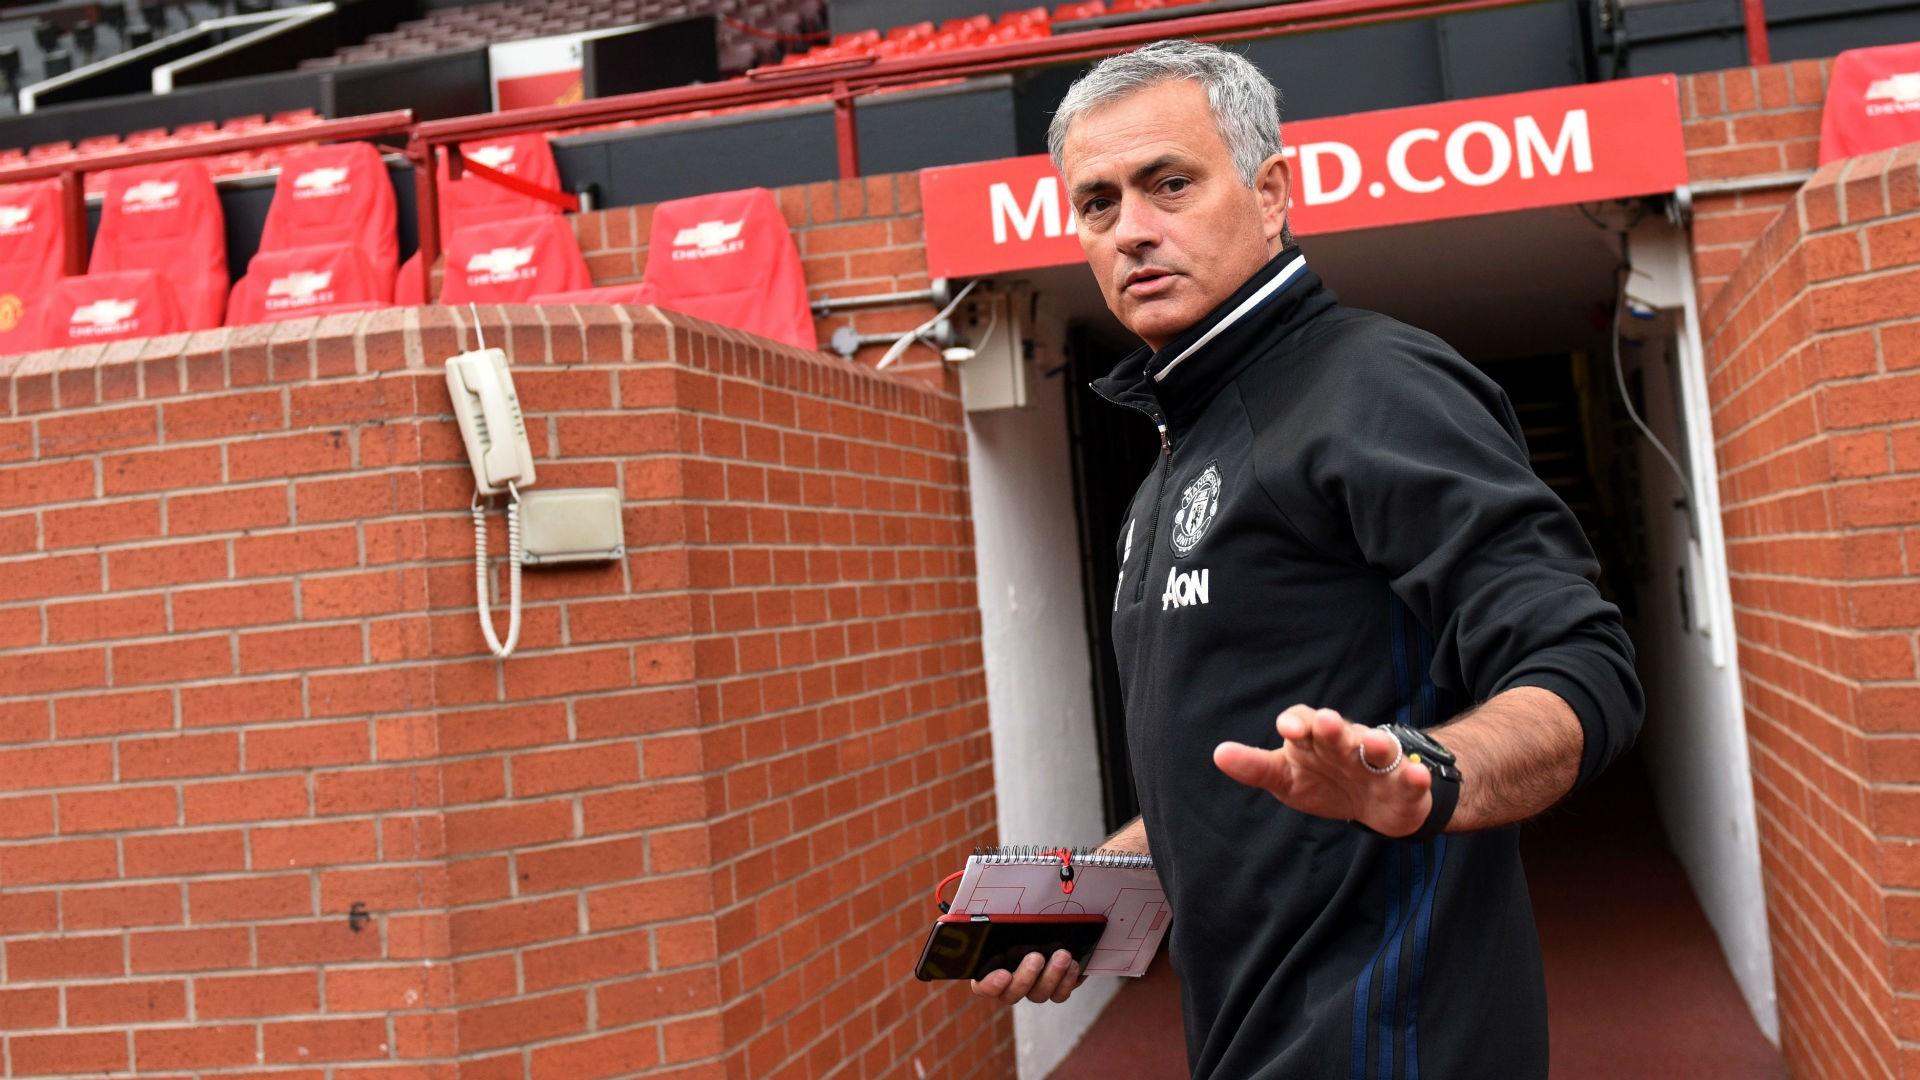 Hình ảnh: Mourinho chưa được đáp ứng đầy đủ cho việc mua sắm